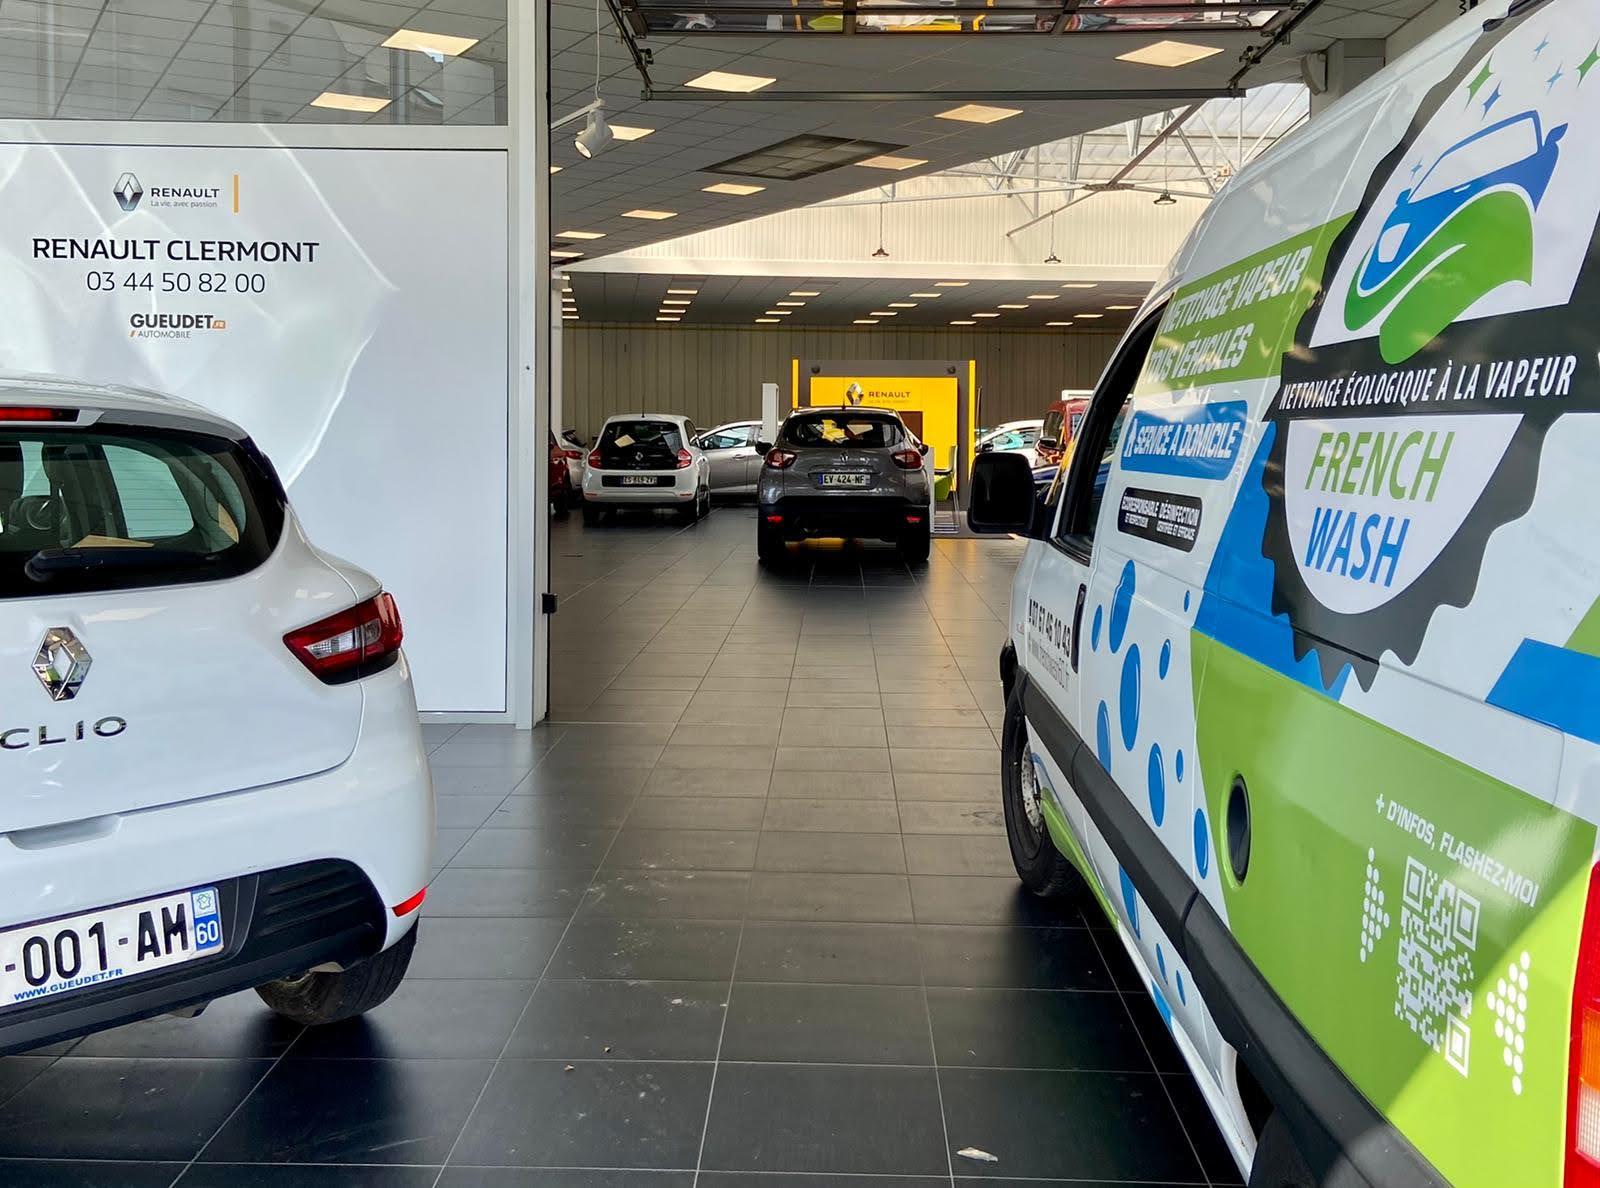 Nettoyage automobile pour professionnels à Montataire